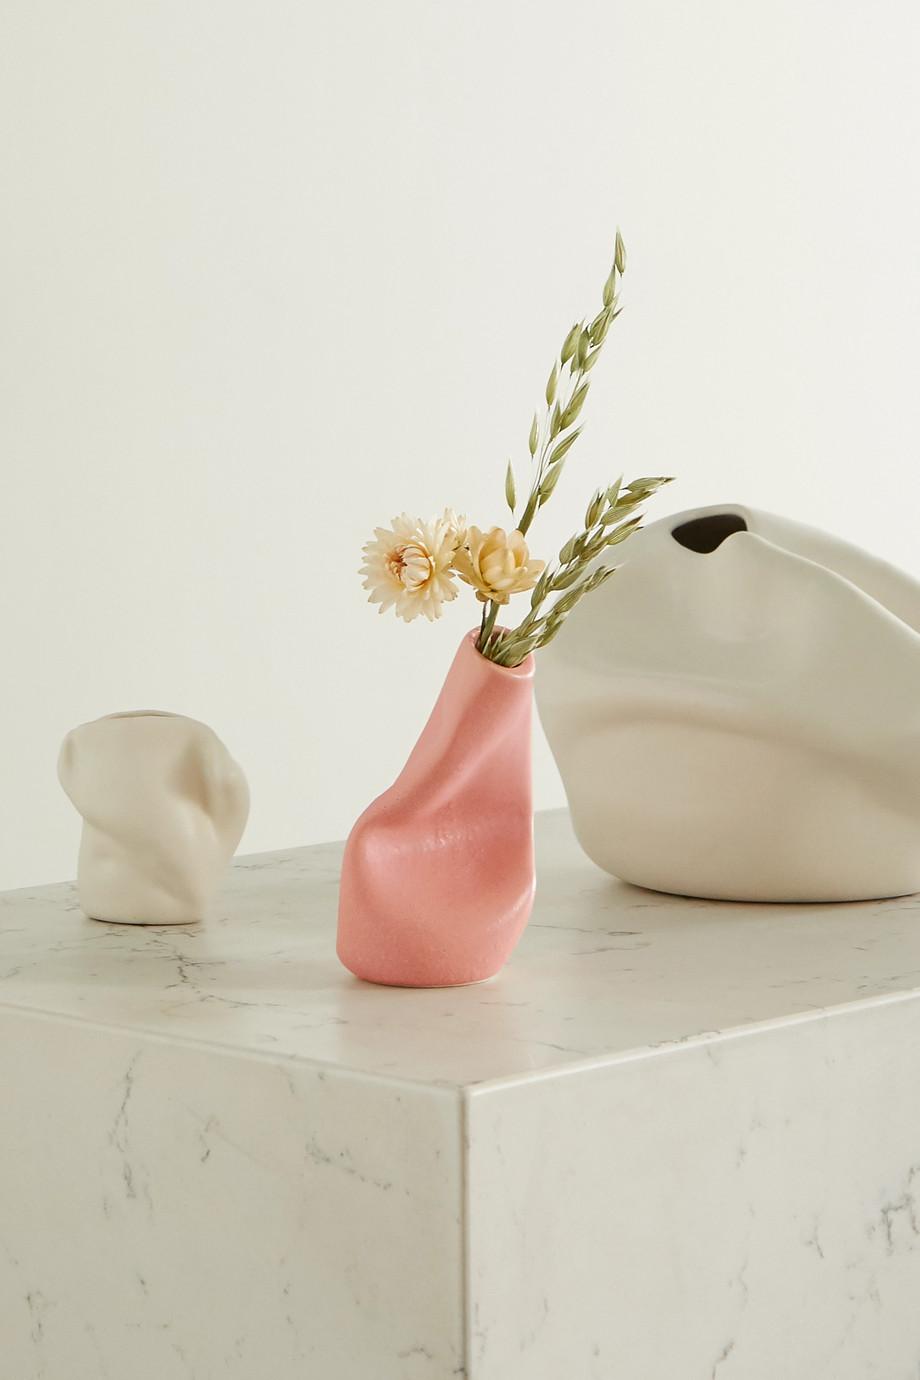 Completedworks + Ekaterina Bazhenova Yamasaki Solitude – Keramikvase